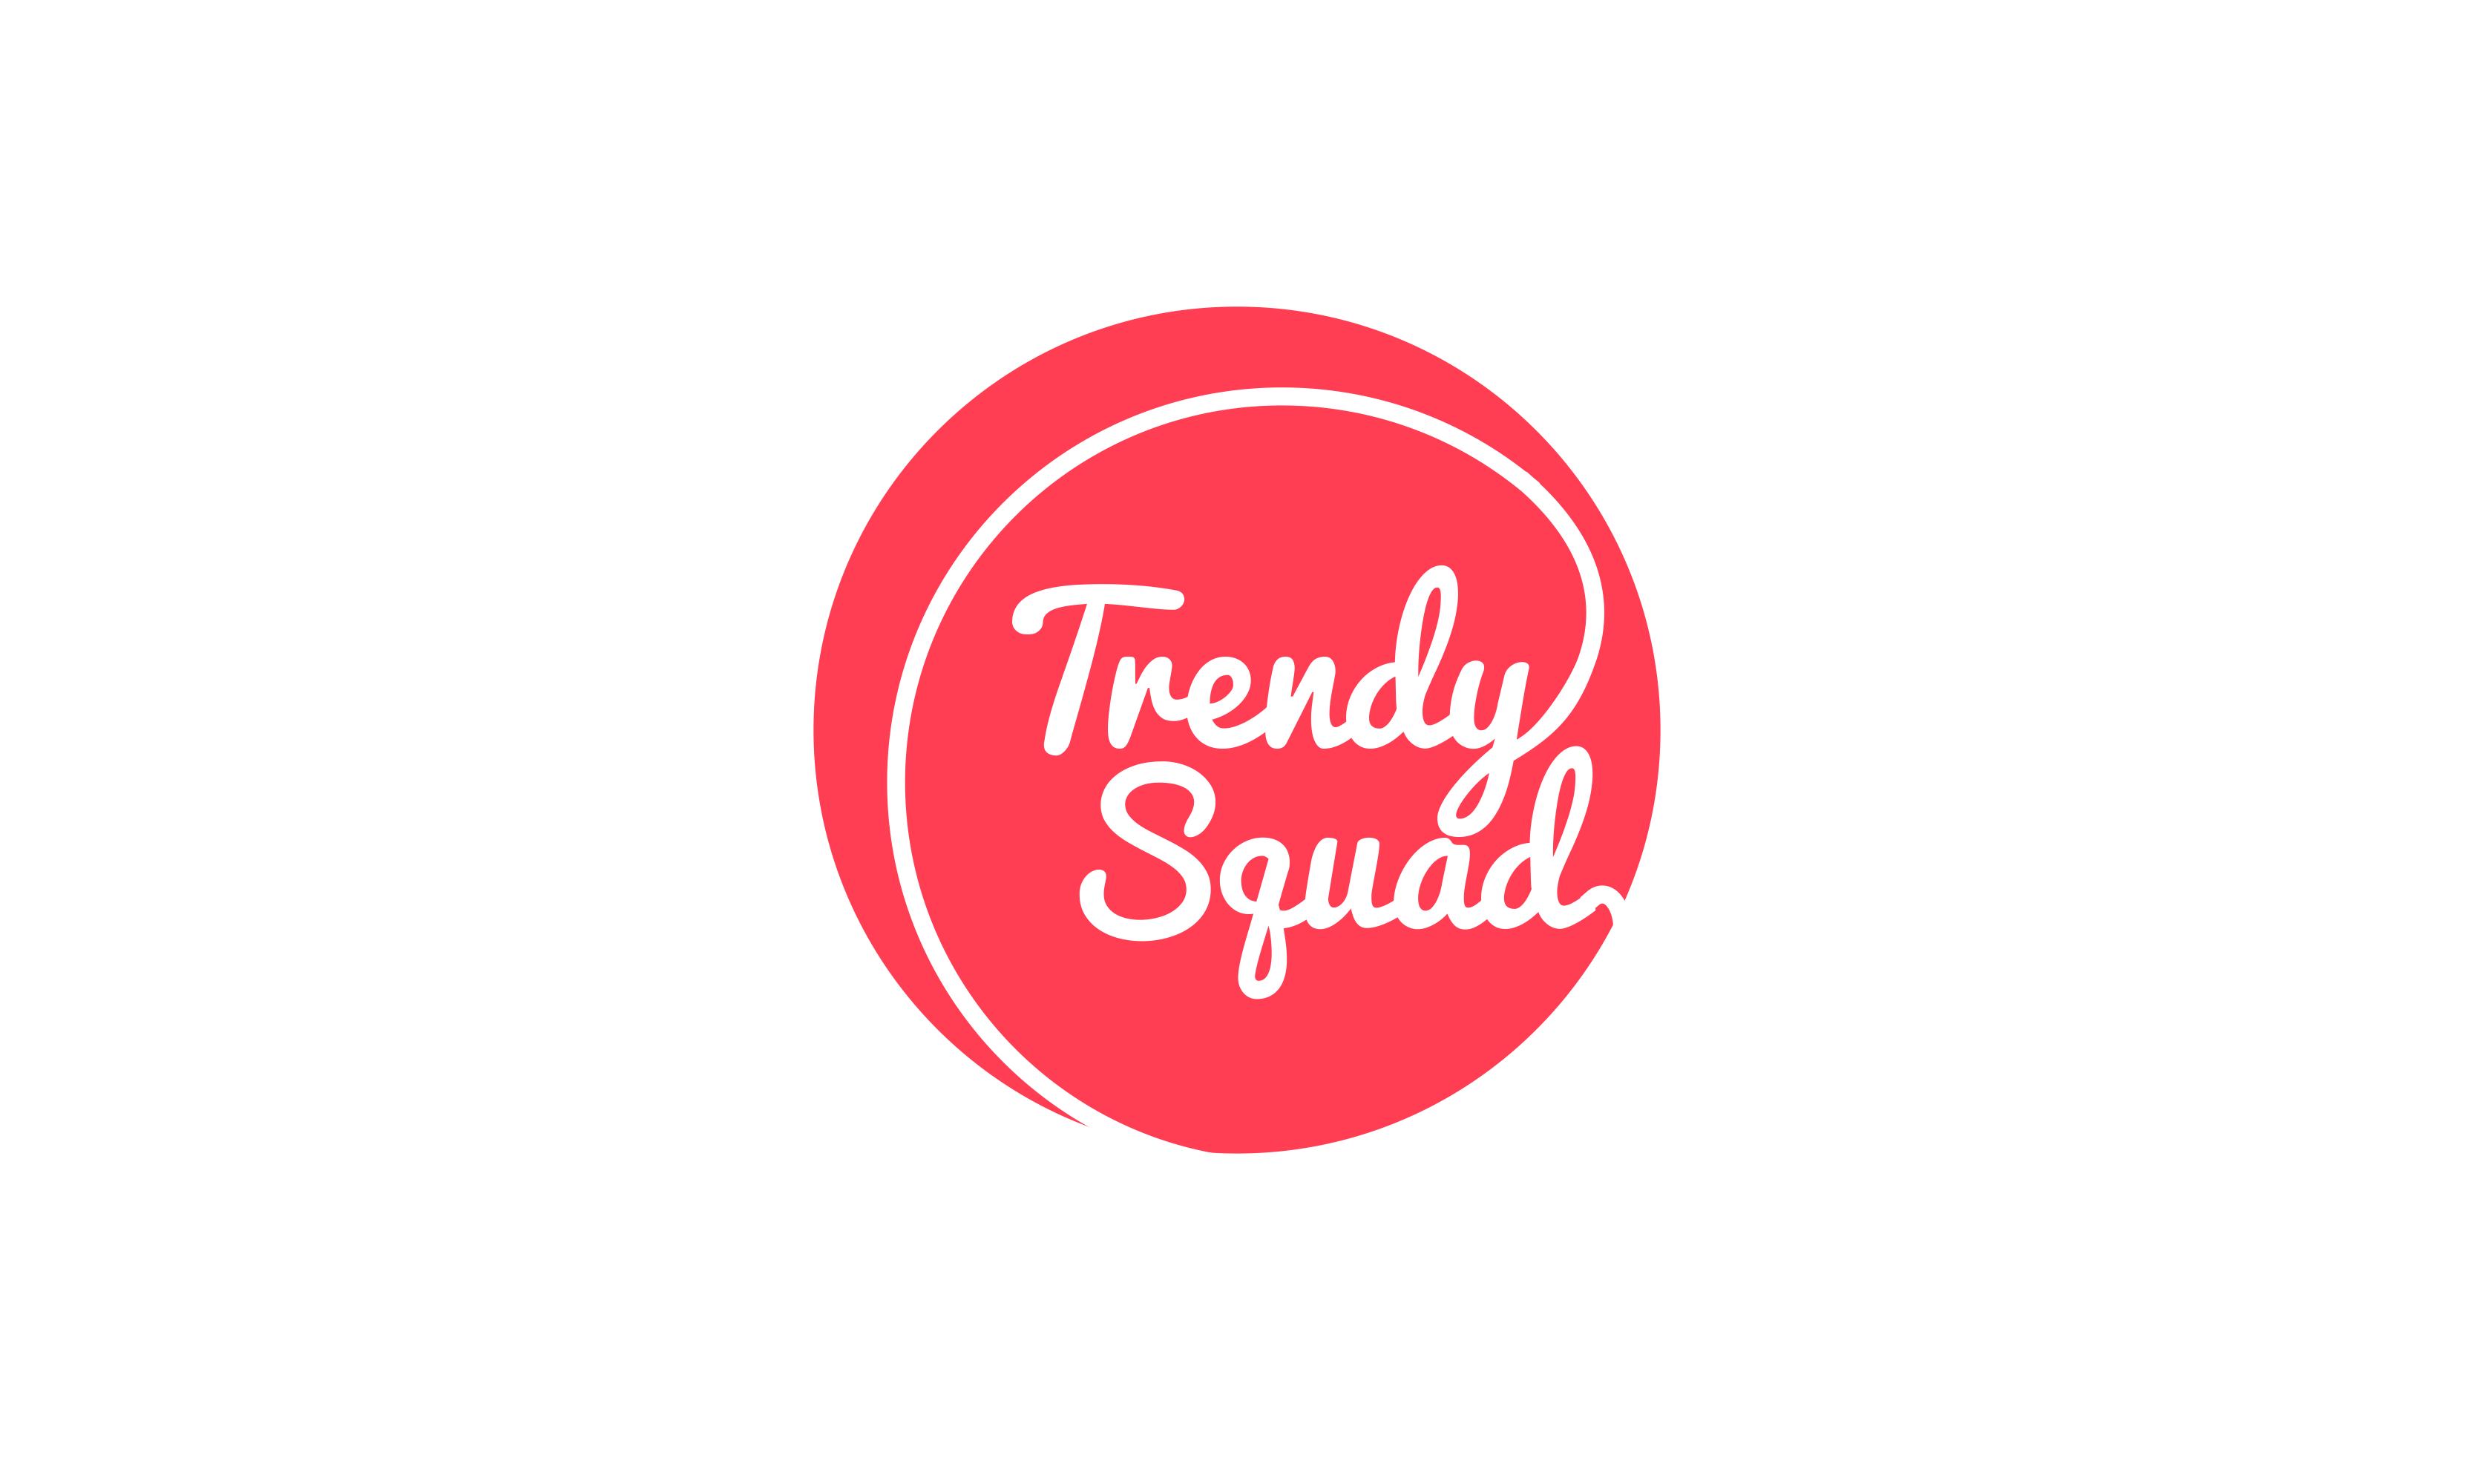 Trendysquad